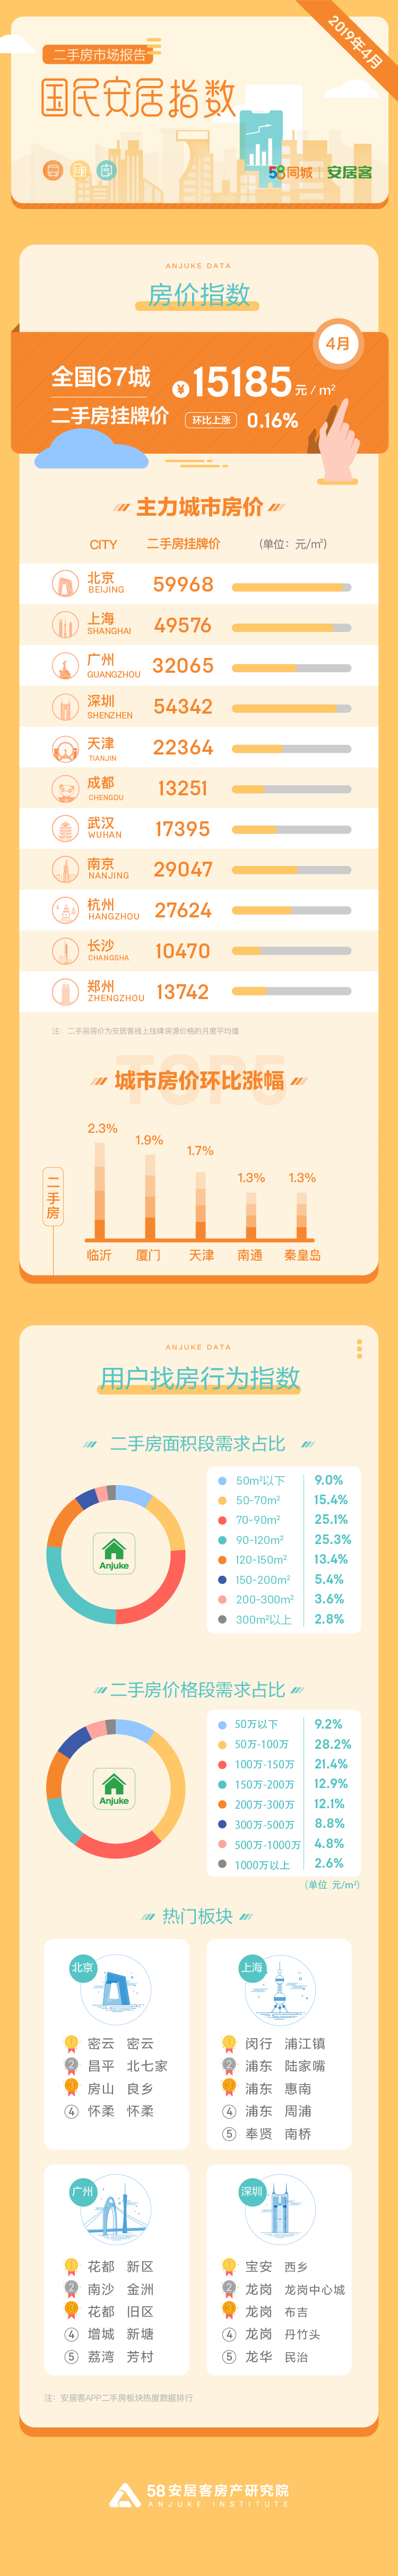 机构 :北京限竞房及远郊新盘上市有望稳定房价走势